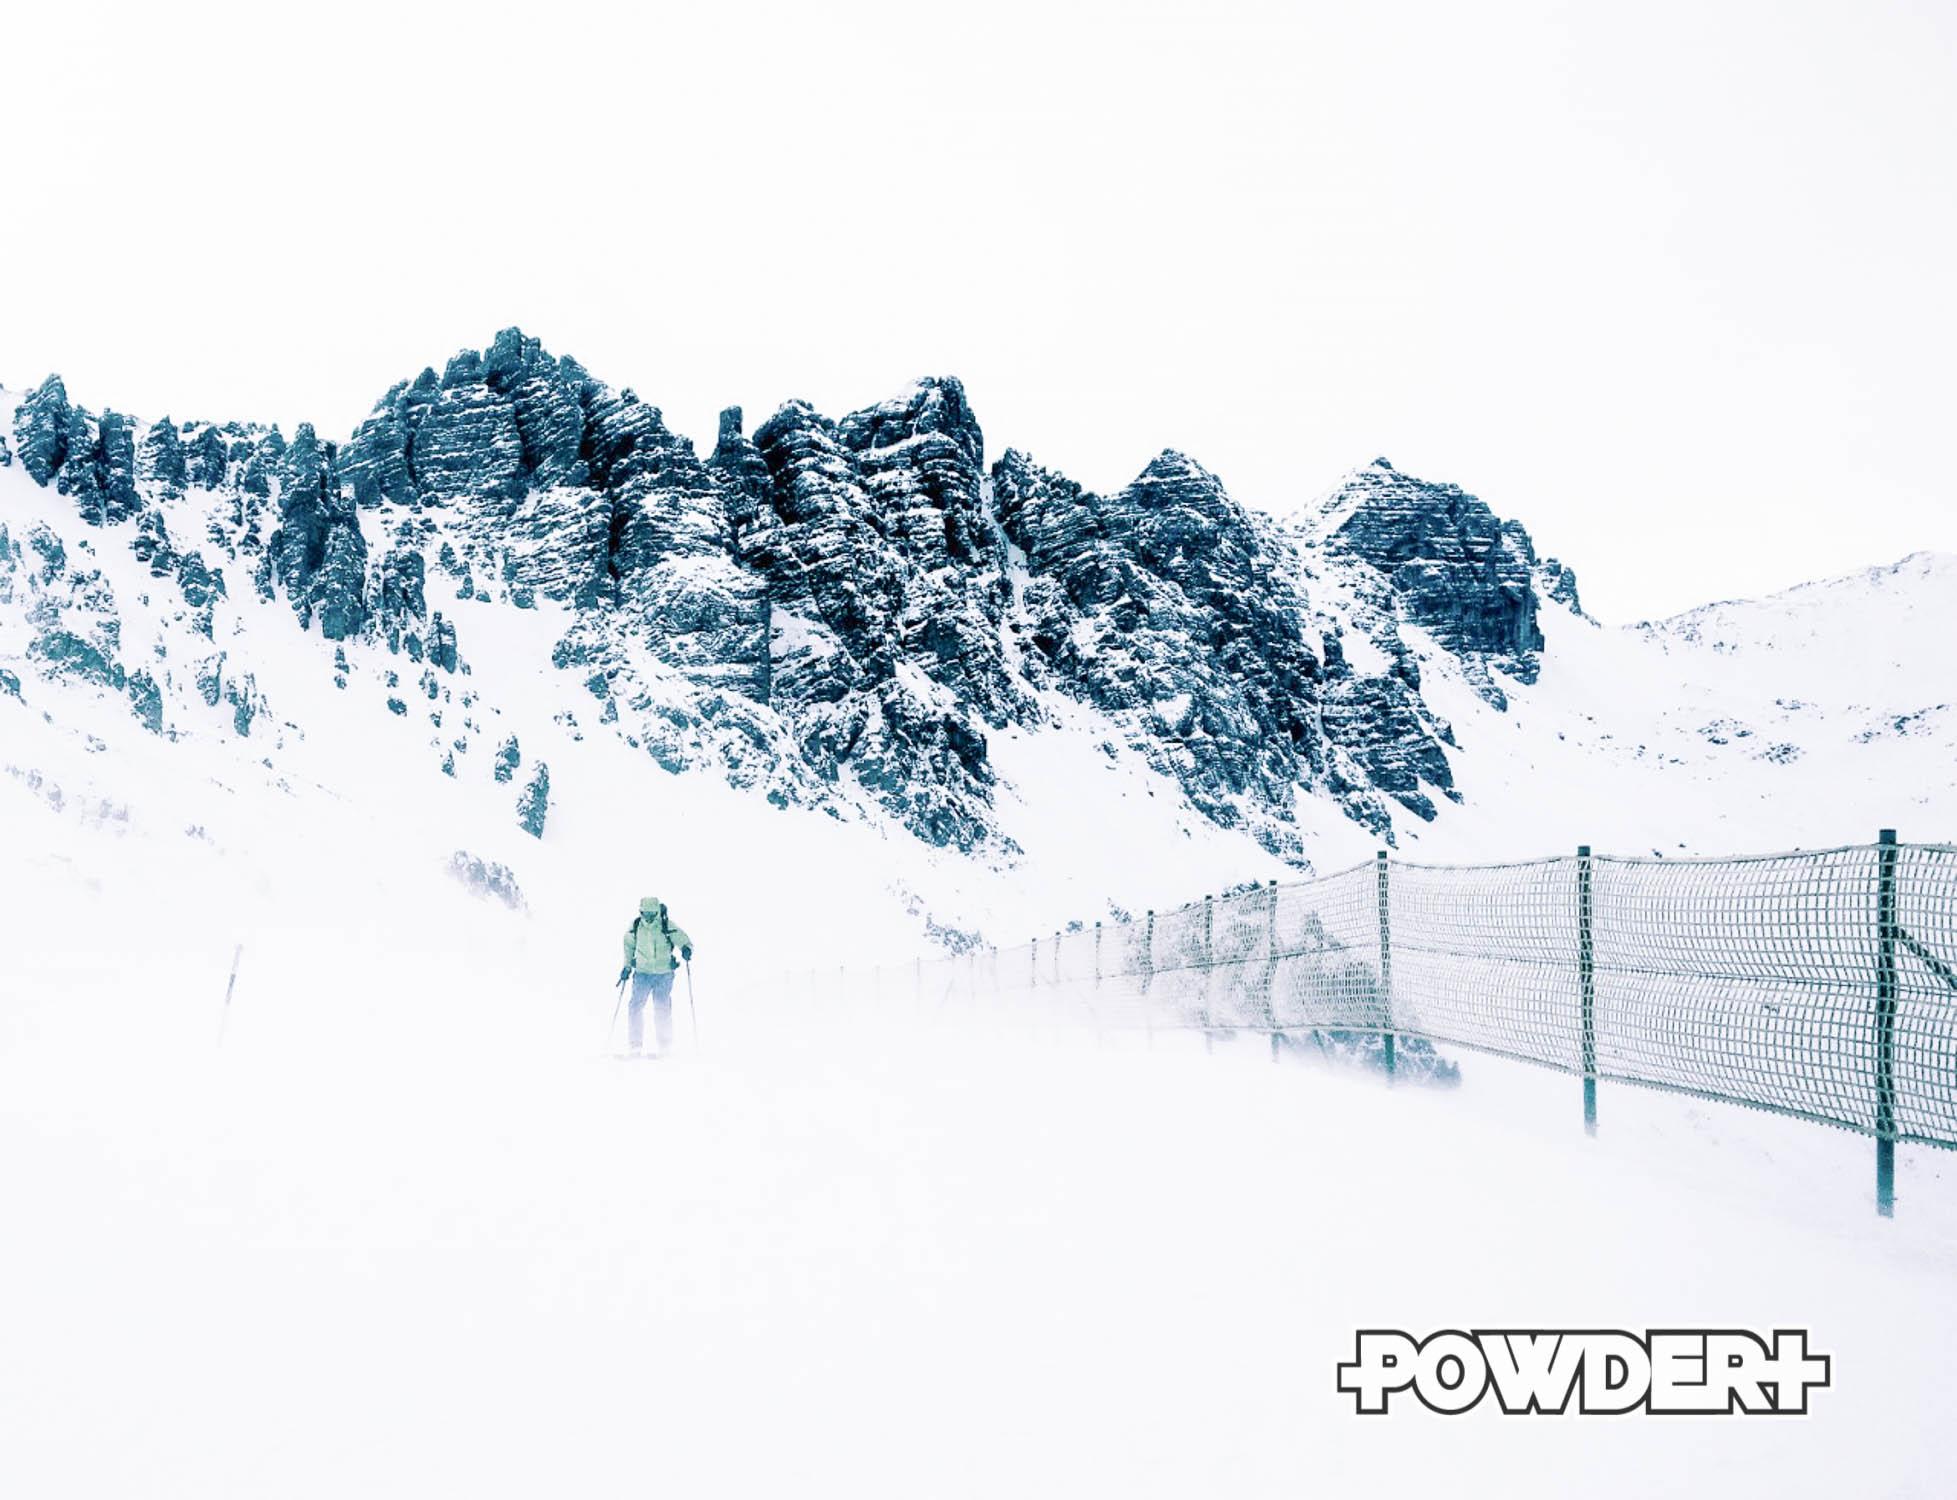 erste skitour, freeridetour, skitour stubai, skitour stubaier gletscher, freeridetour stubaier gletscher, freeride stubaier gletscher, freeride badewanne, freeride daunjoch